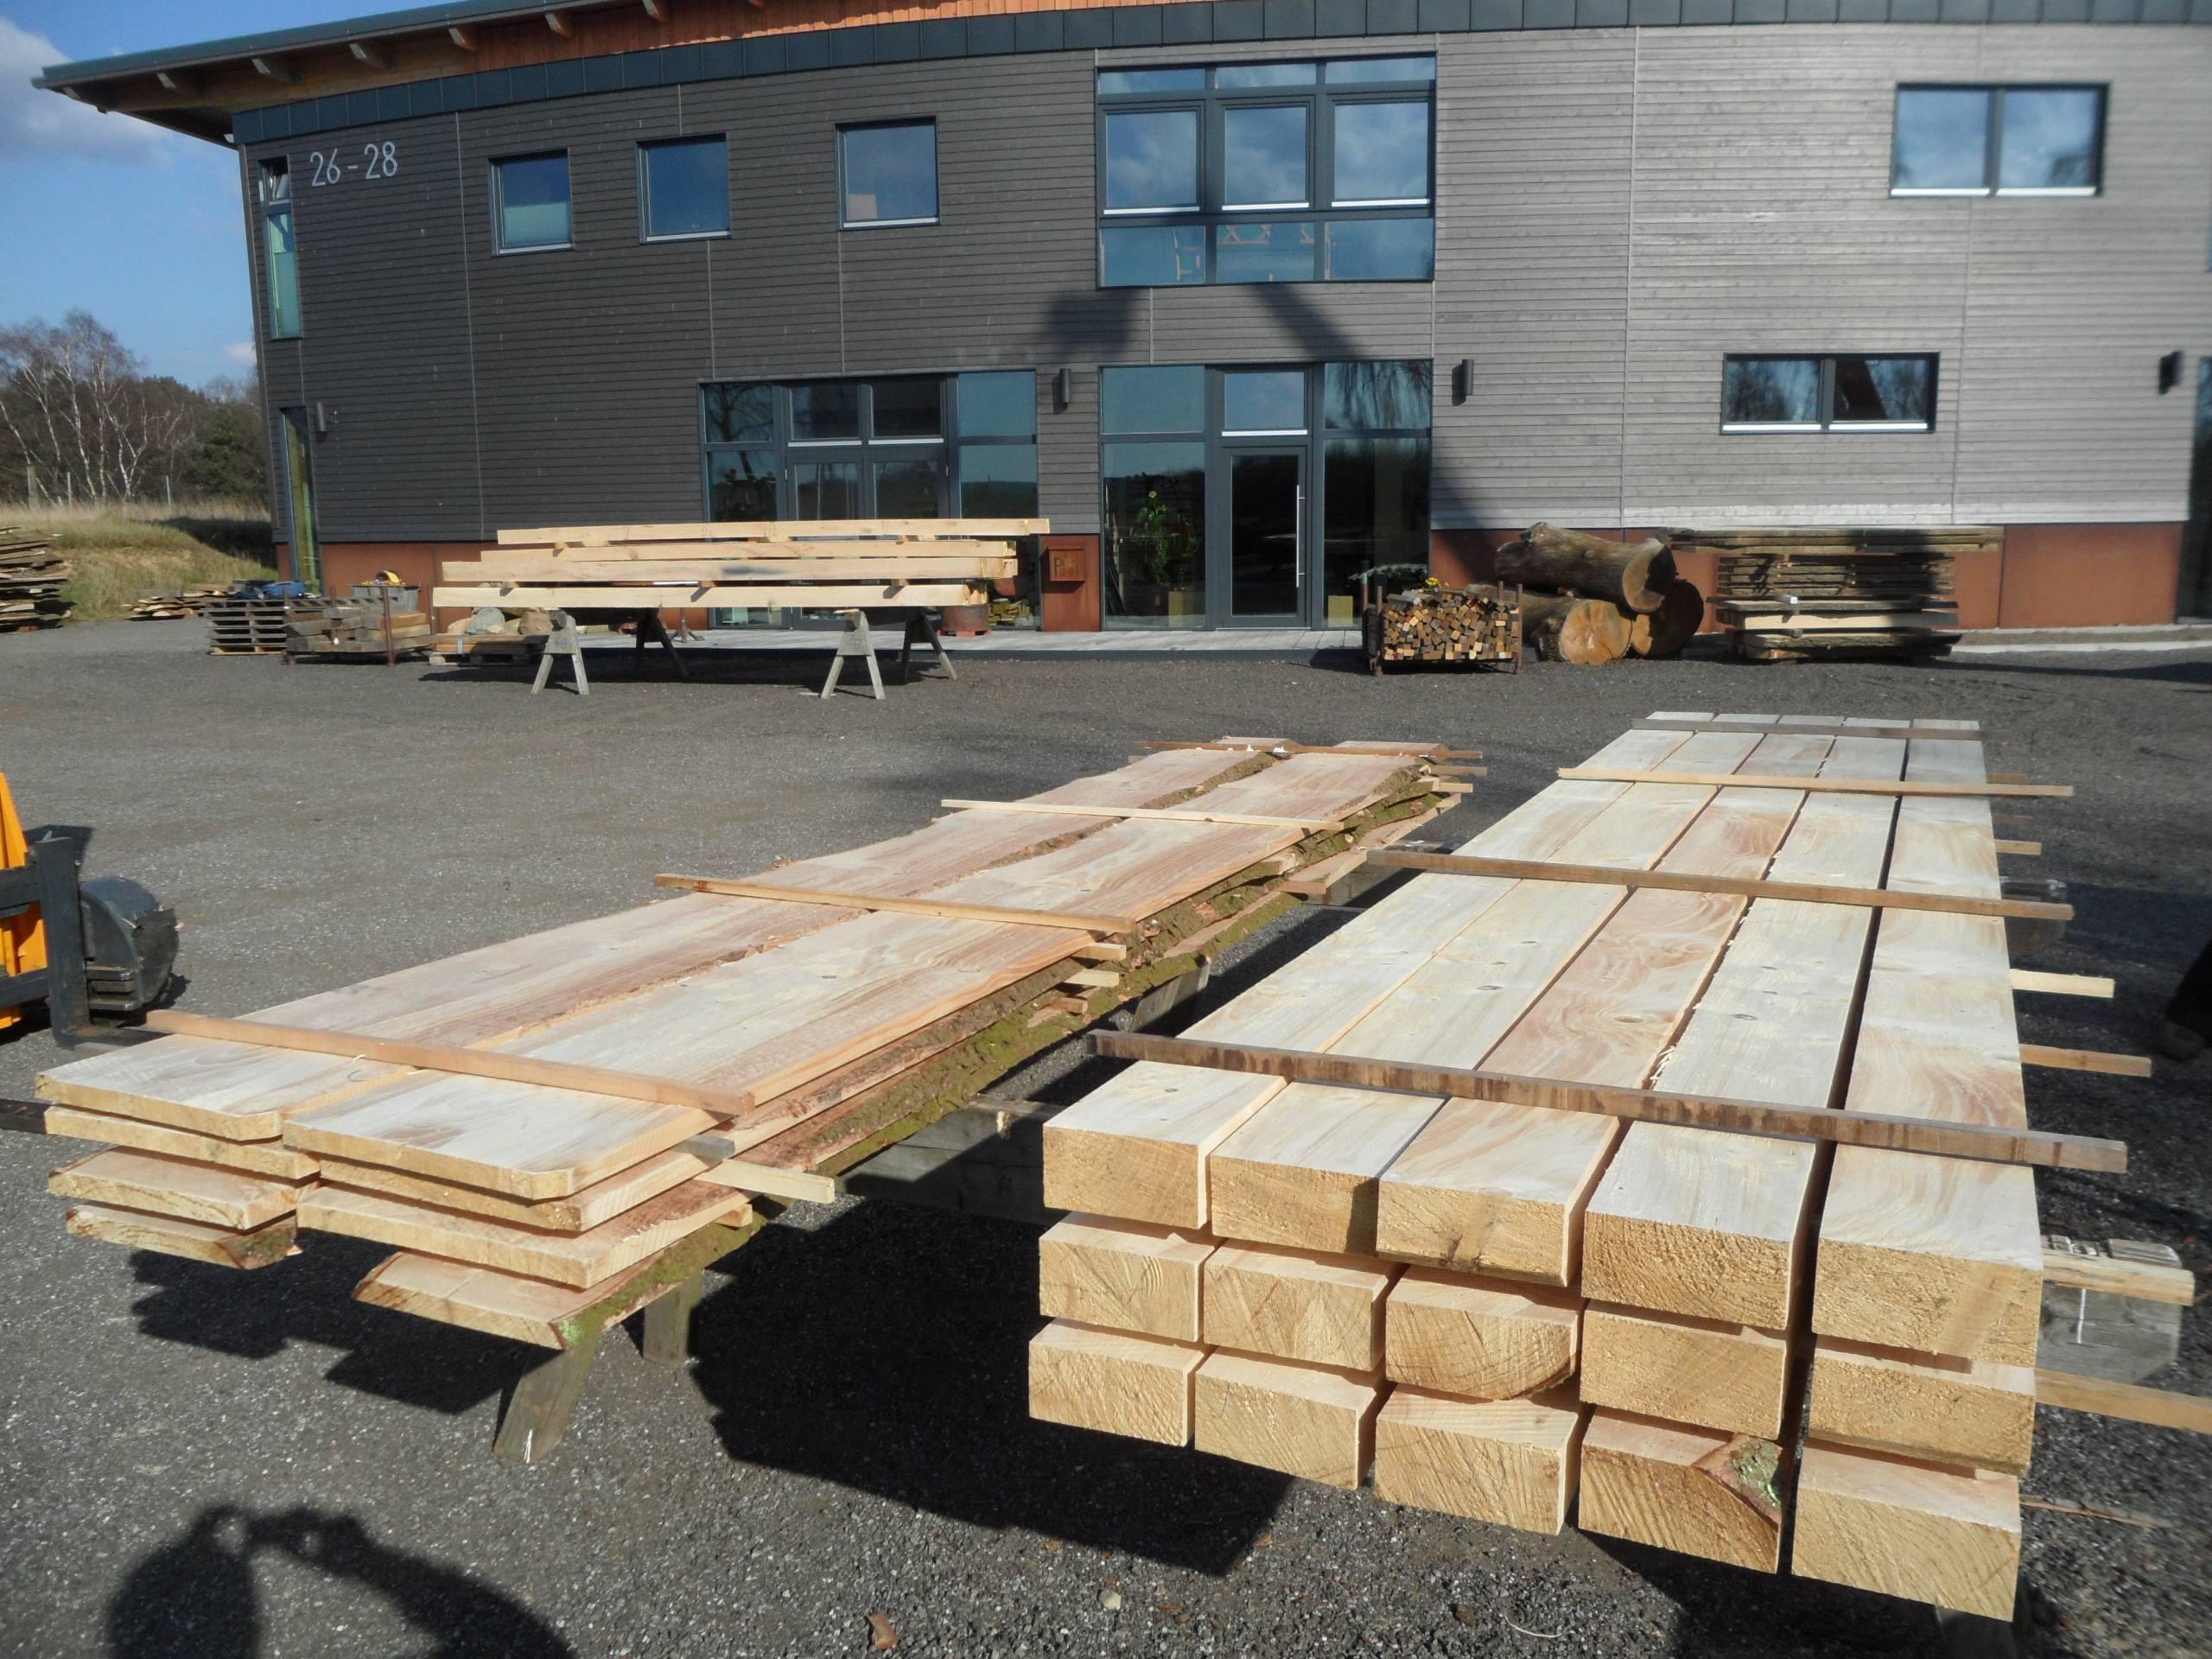 Neues aus dem Holzkontor